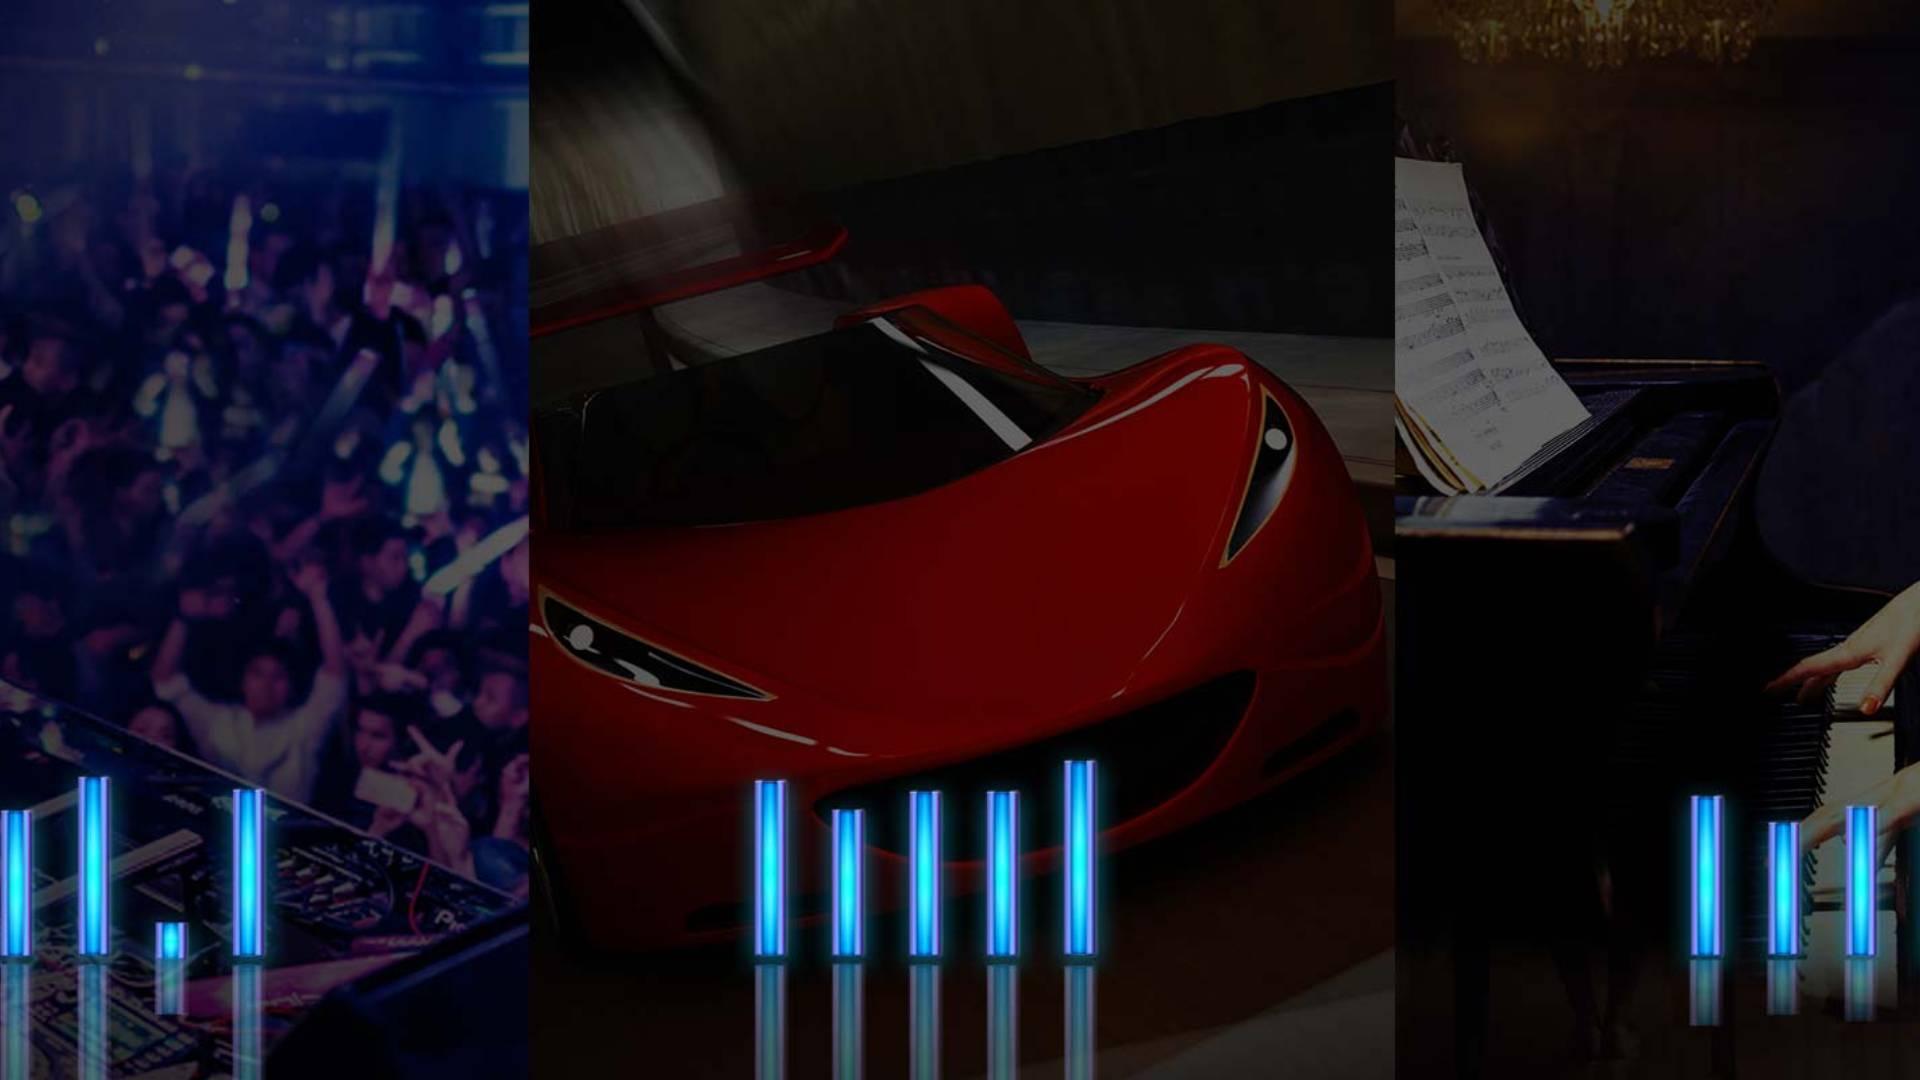 TCL LED Smart TV Smart Volume